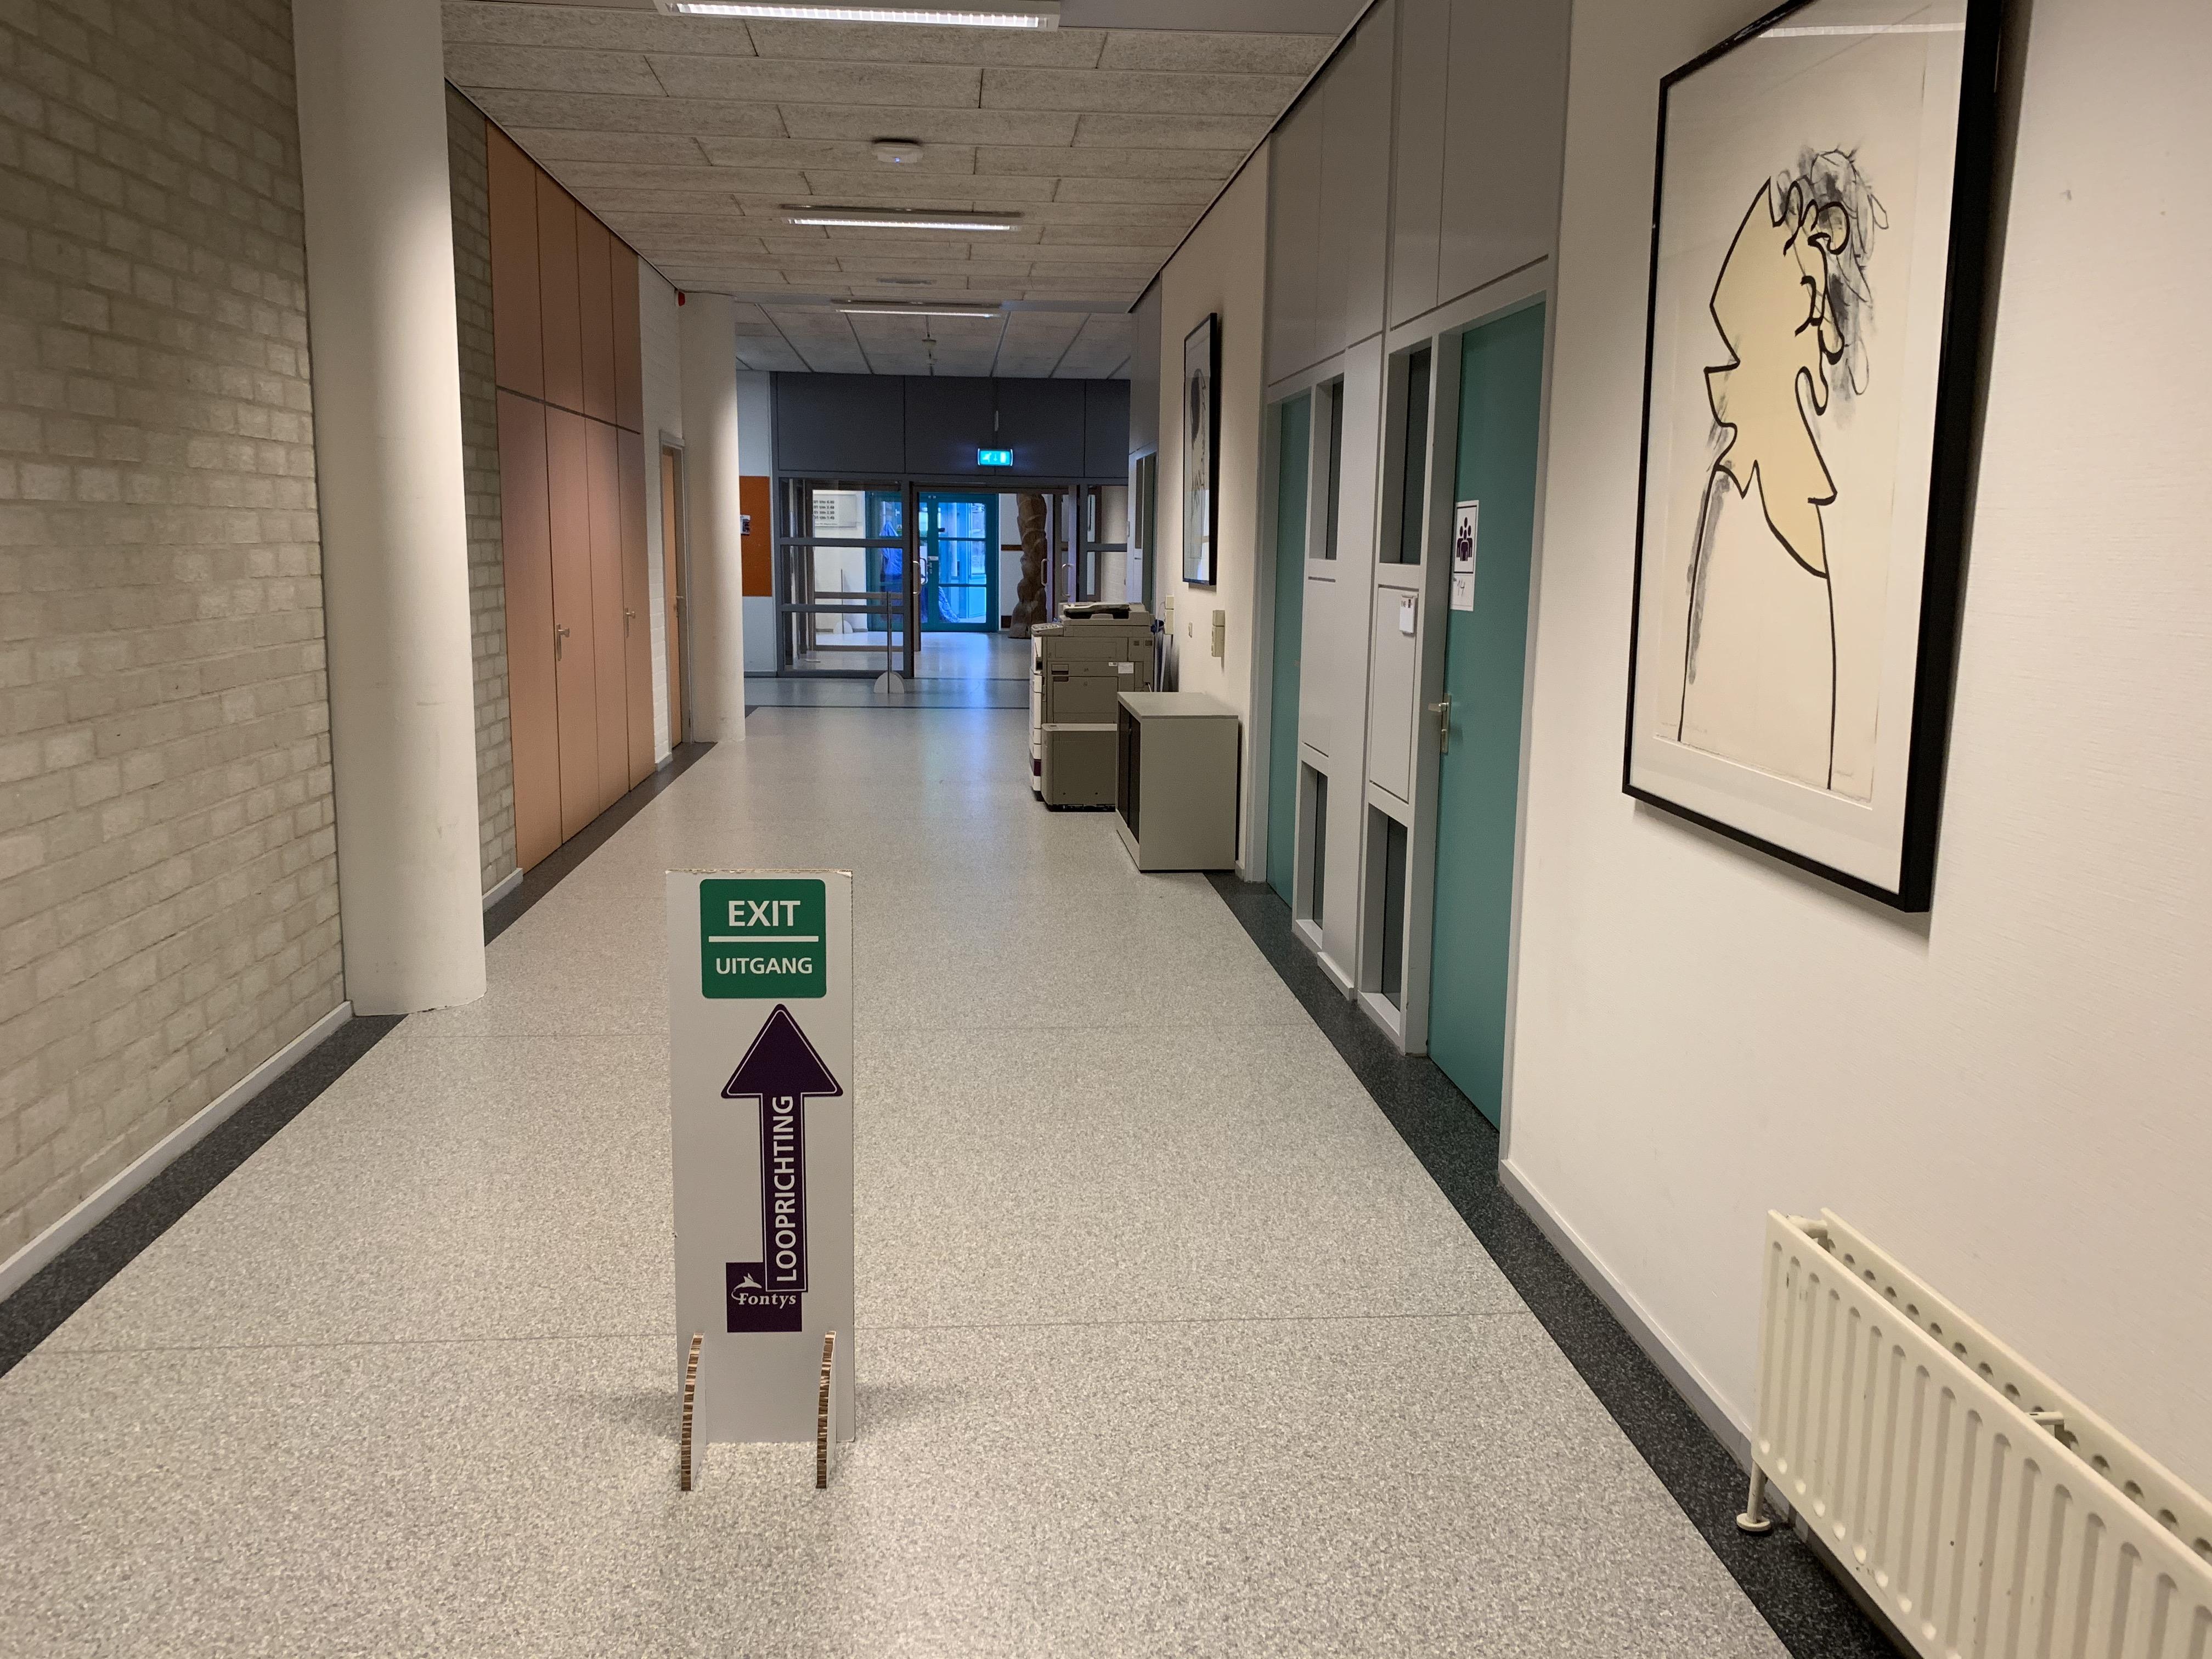 Vanaf morgen zullen de gangen op de campus vooral leeg zijn.